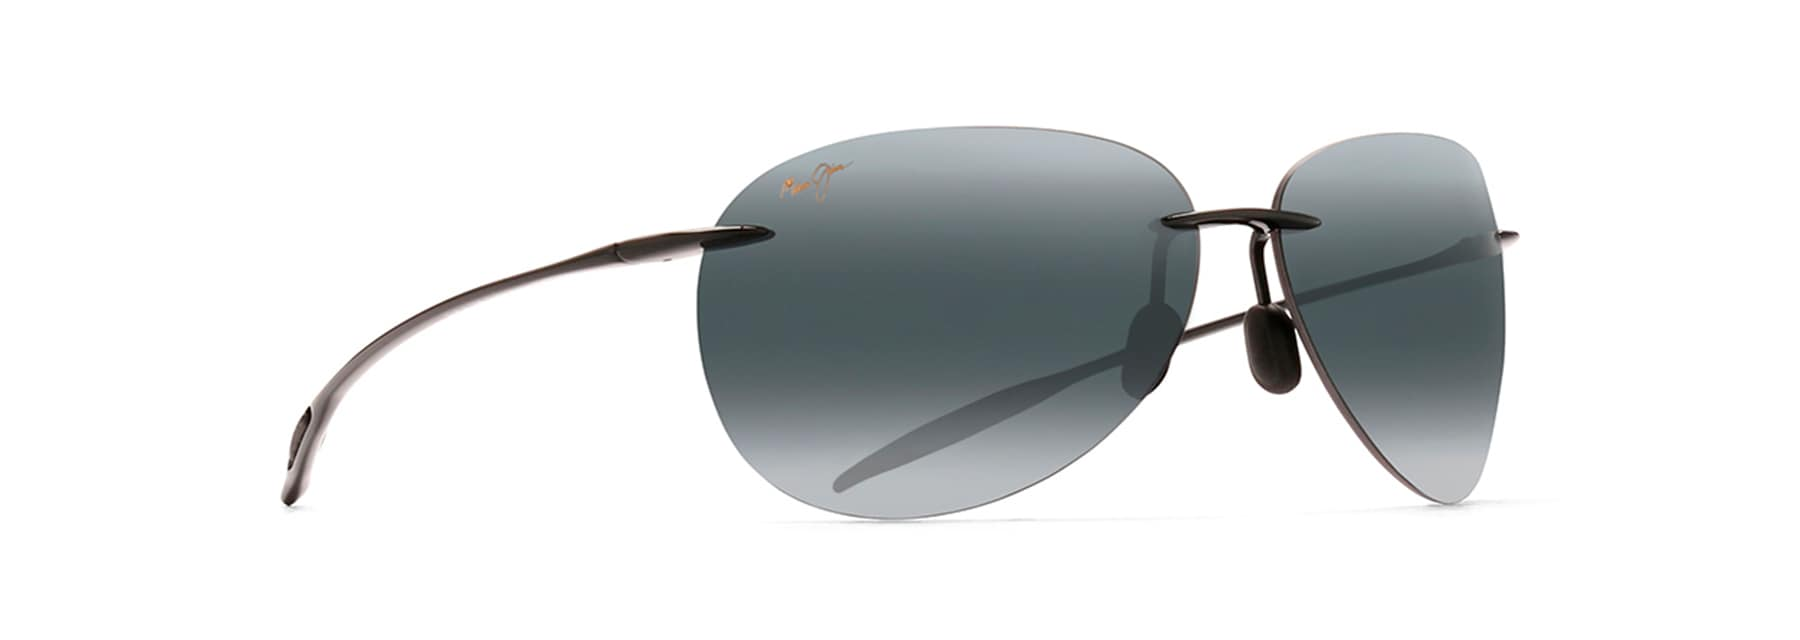 Sugar Beach lunettes de soleil polarisées | Maui Jim®